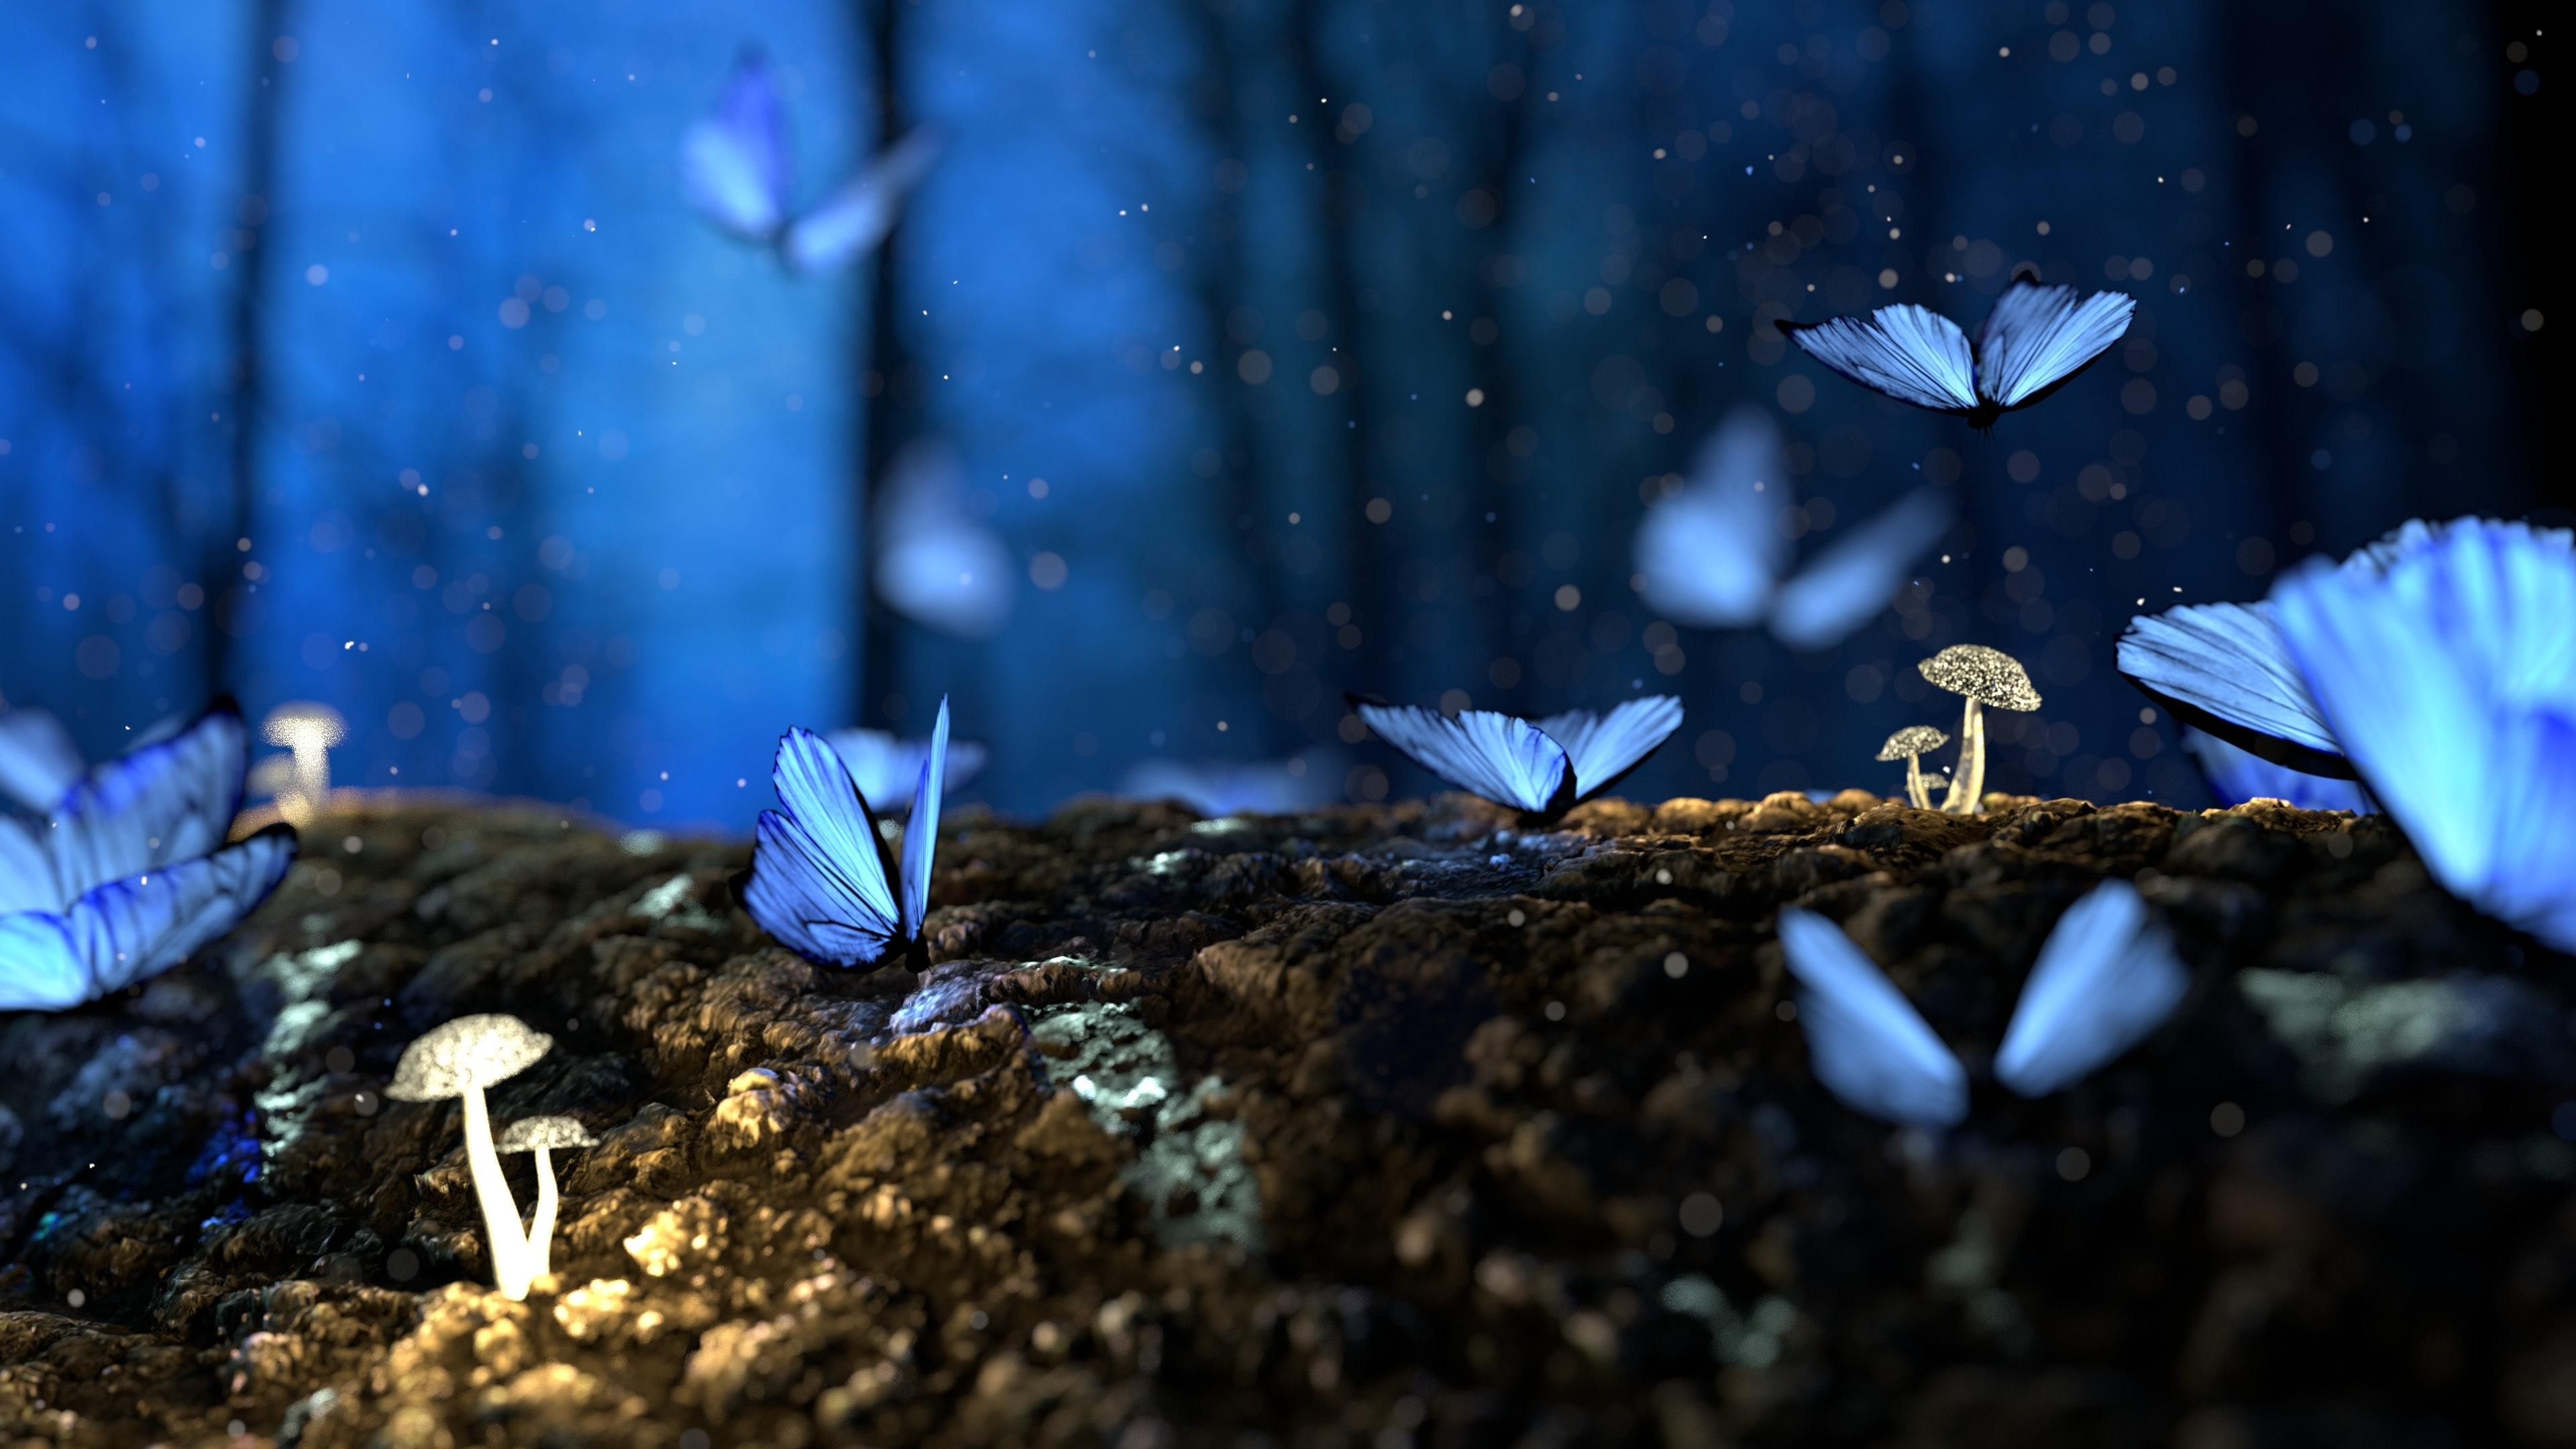 Hình ảnh nền cánh bướm đêm xinh đẹp